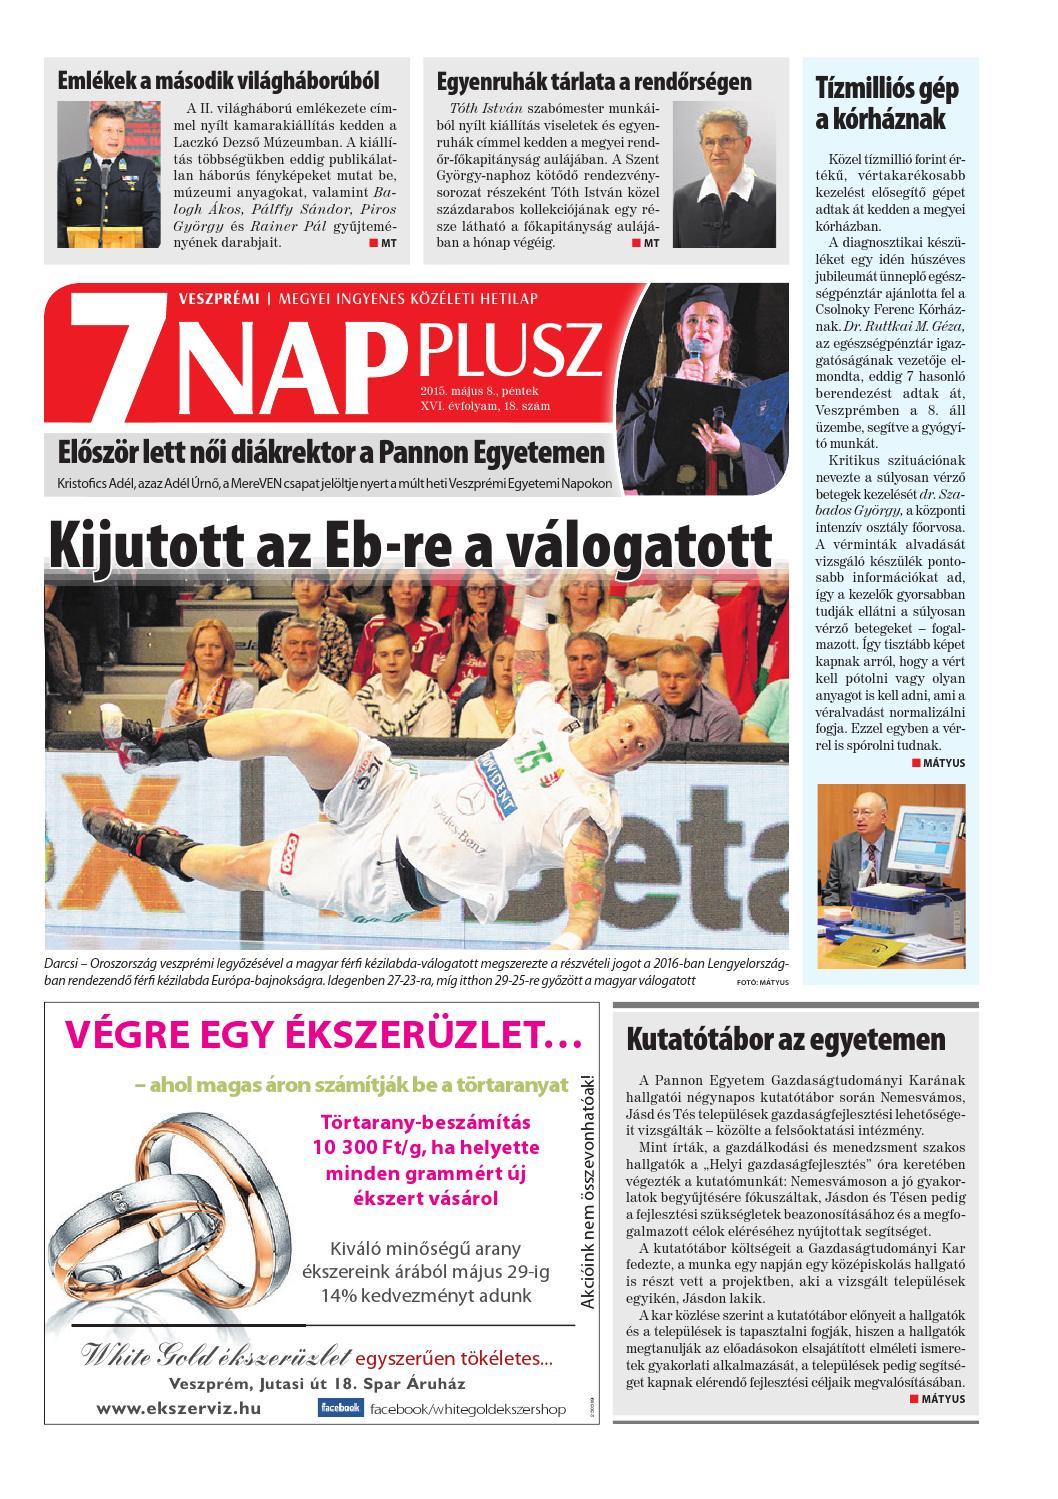 Veszprémi 7 Nap Plusz - 2015. 05. 08. by Maraton Lapcsoport Kft. - issuu dfd64a0f1a